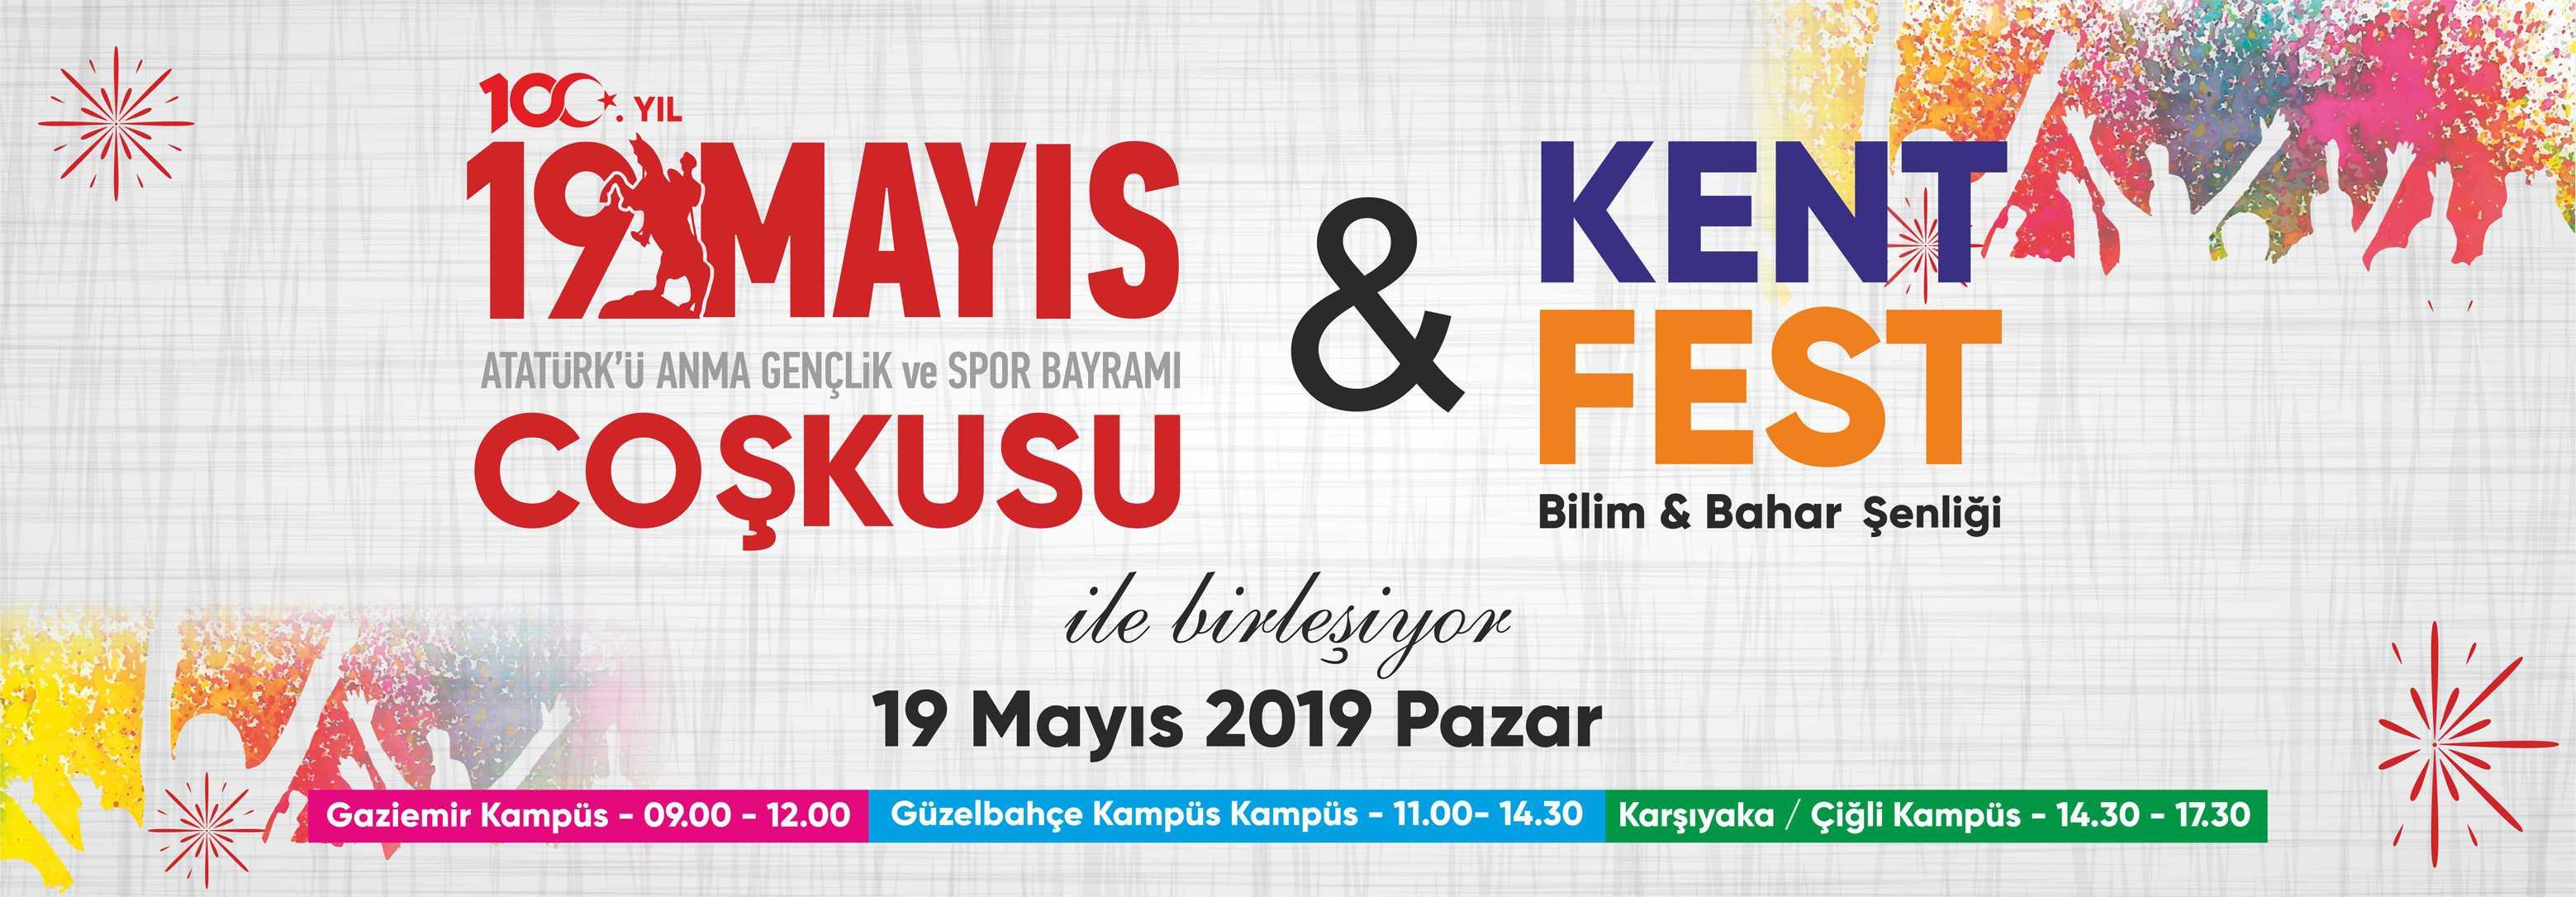 19 Mayıs Coşkusu ve Kentfest Bilim & Bahar Şenliği